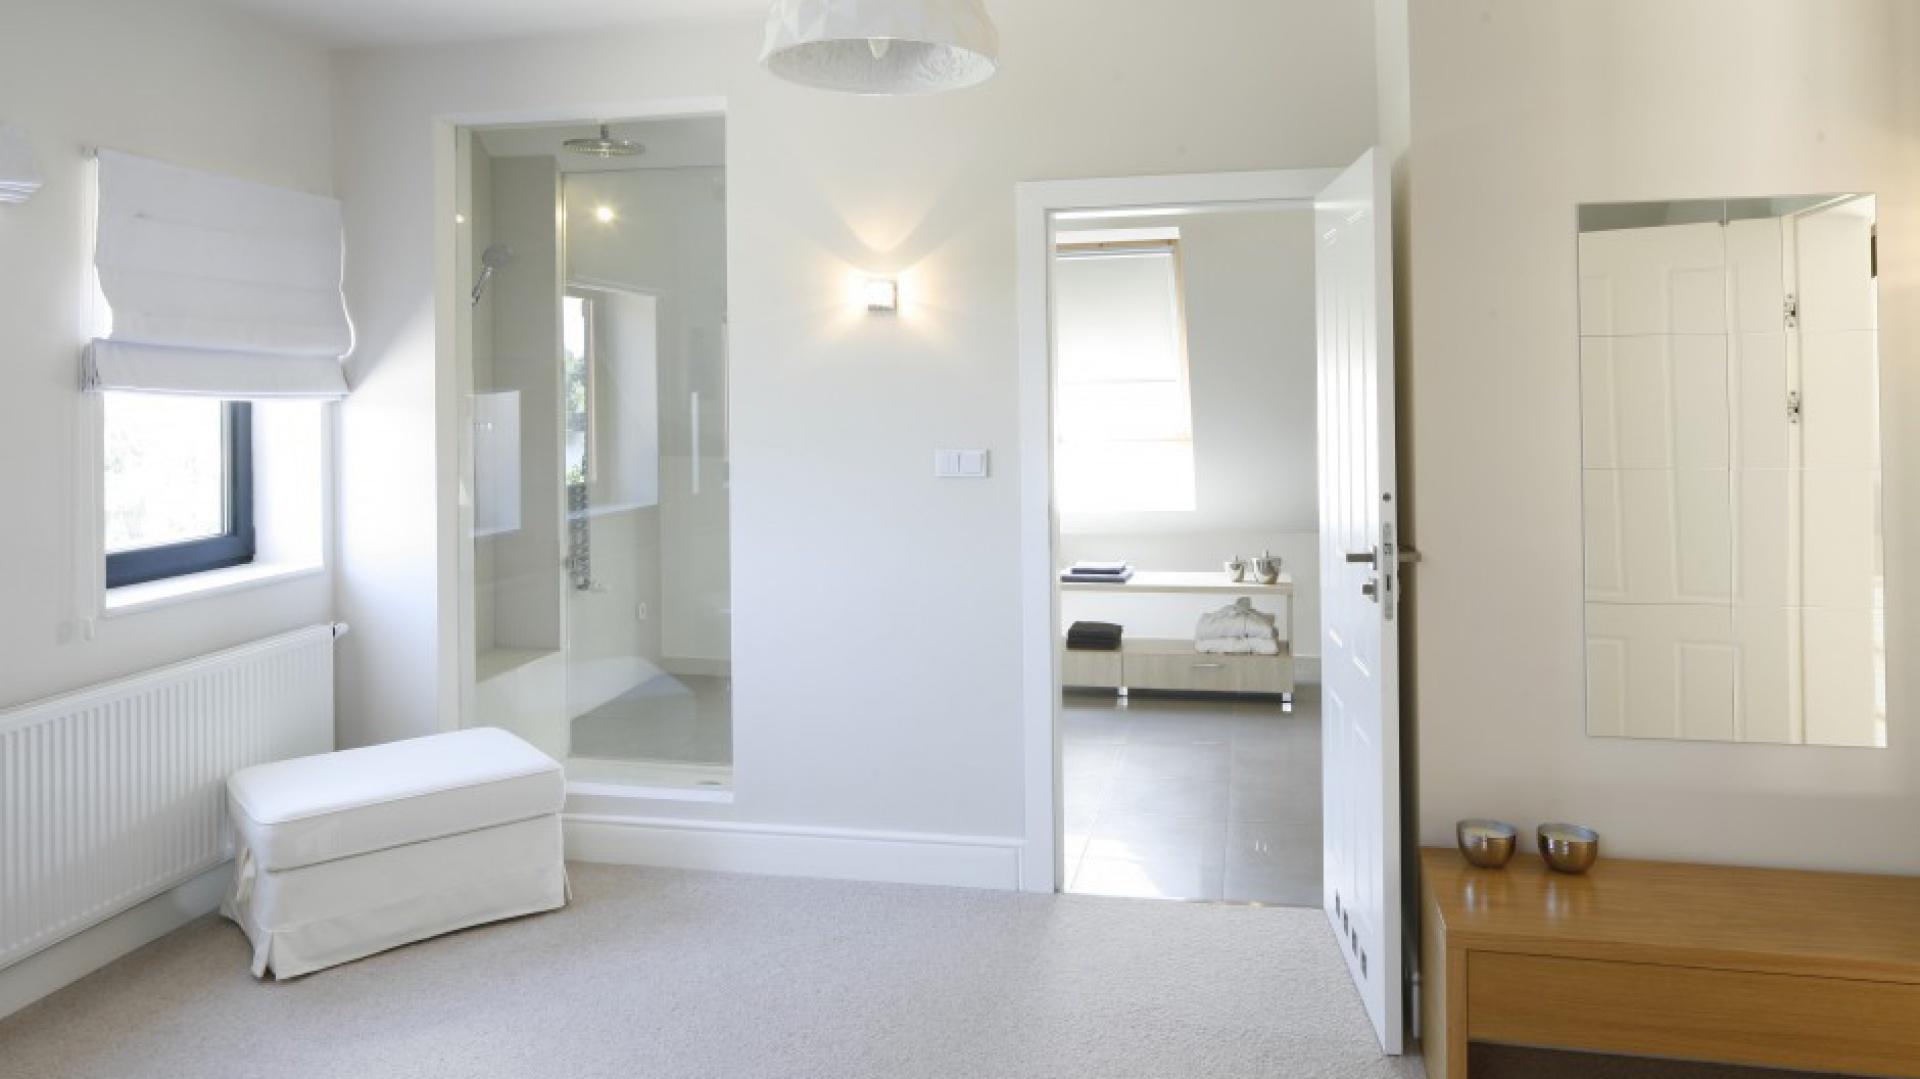 łazienka Przy Sypialni Jasne Wnętrze Na Poddaszu